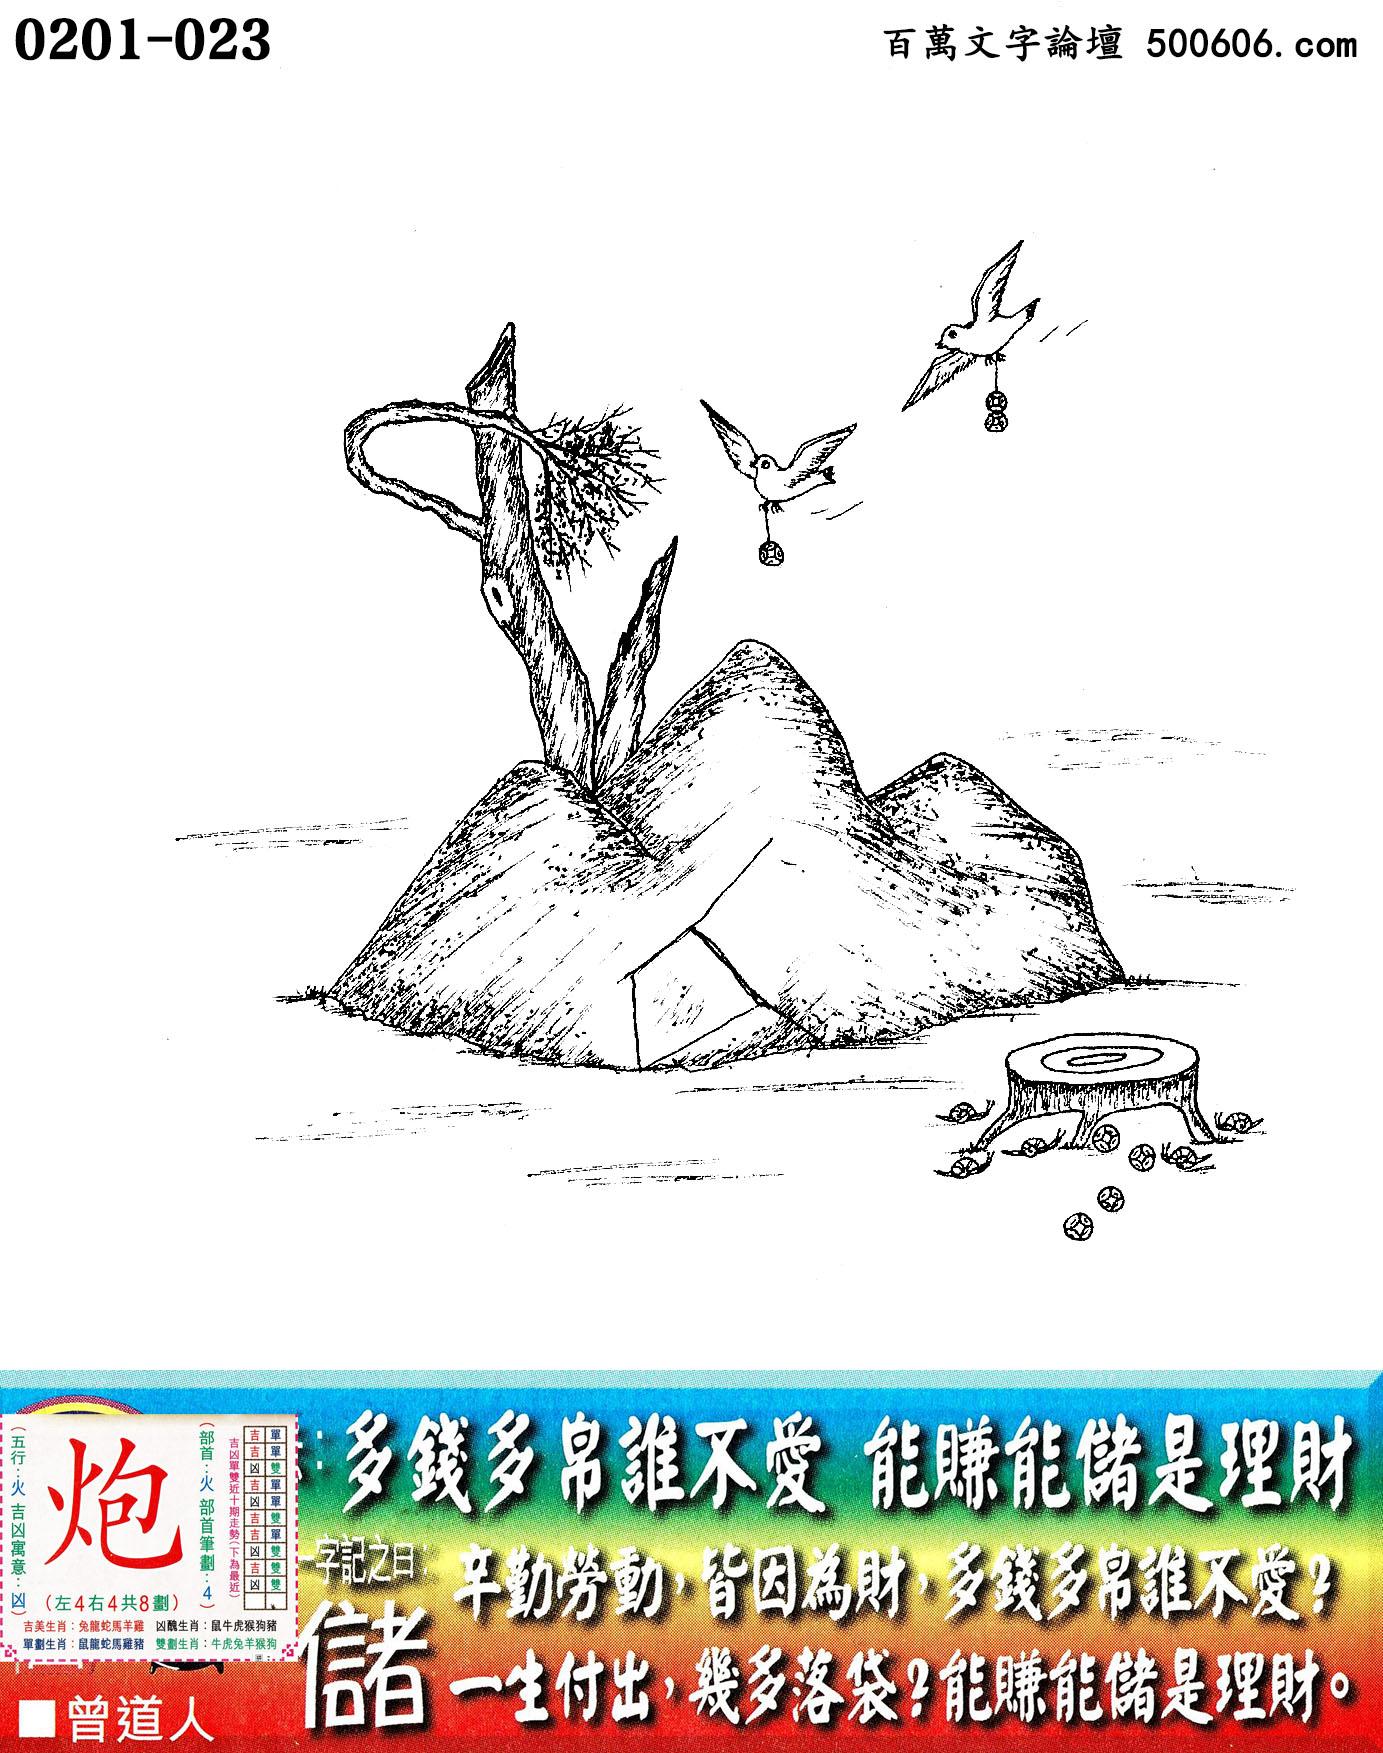 023期老版跑狗一字�之曰:【�Α�_��:多�X多帛�l不�郏�能�能�κ抢碡�。